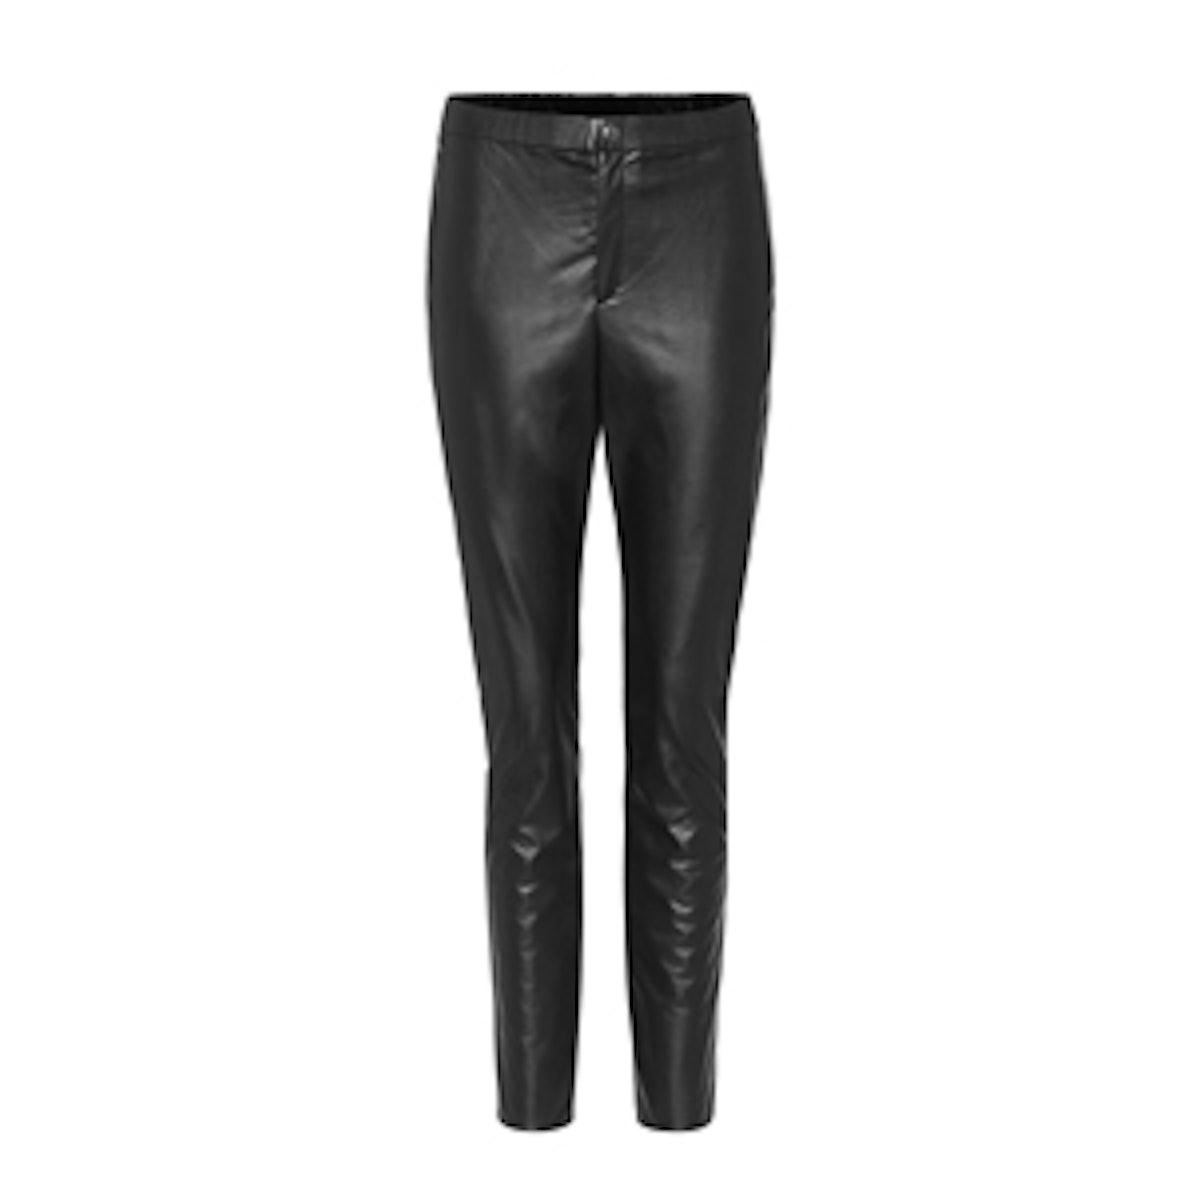 Zeffery Faux Leather Trousers